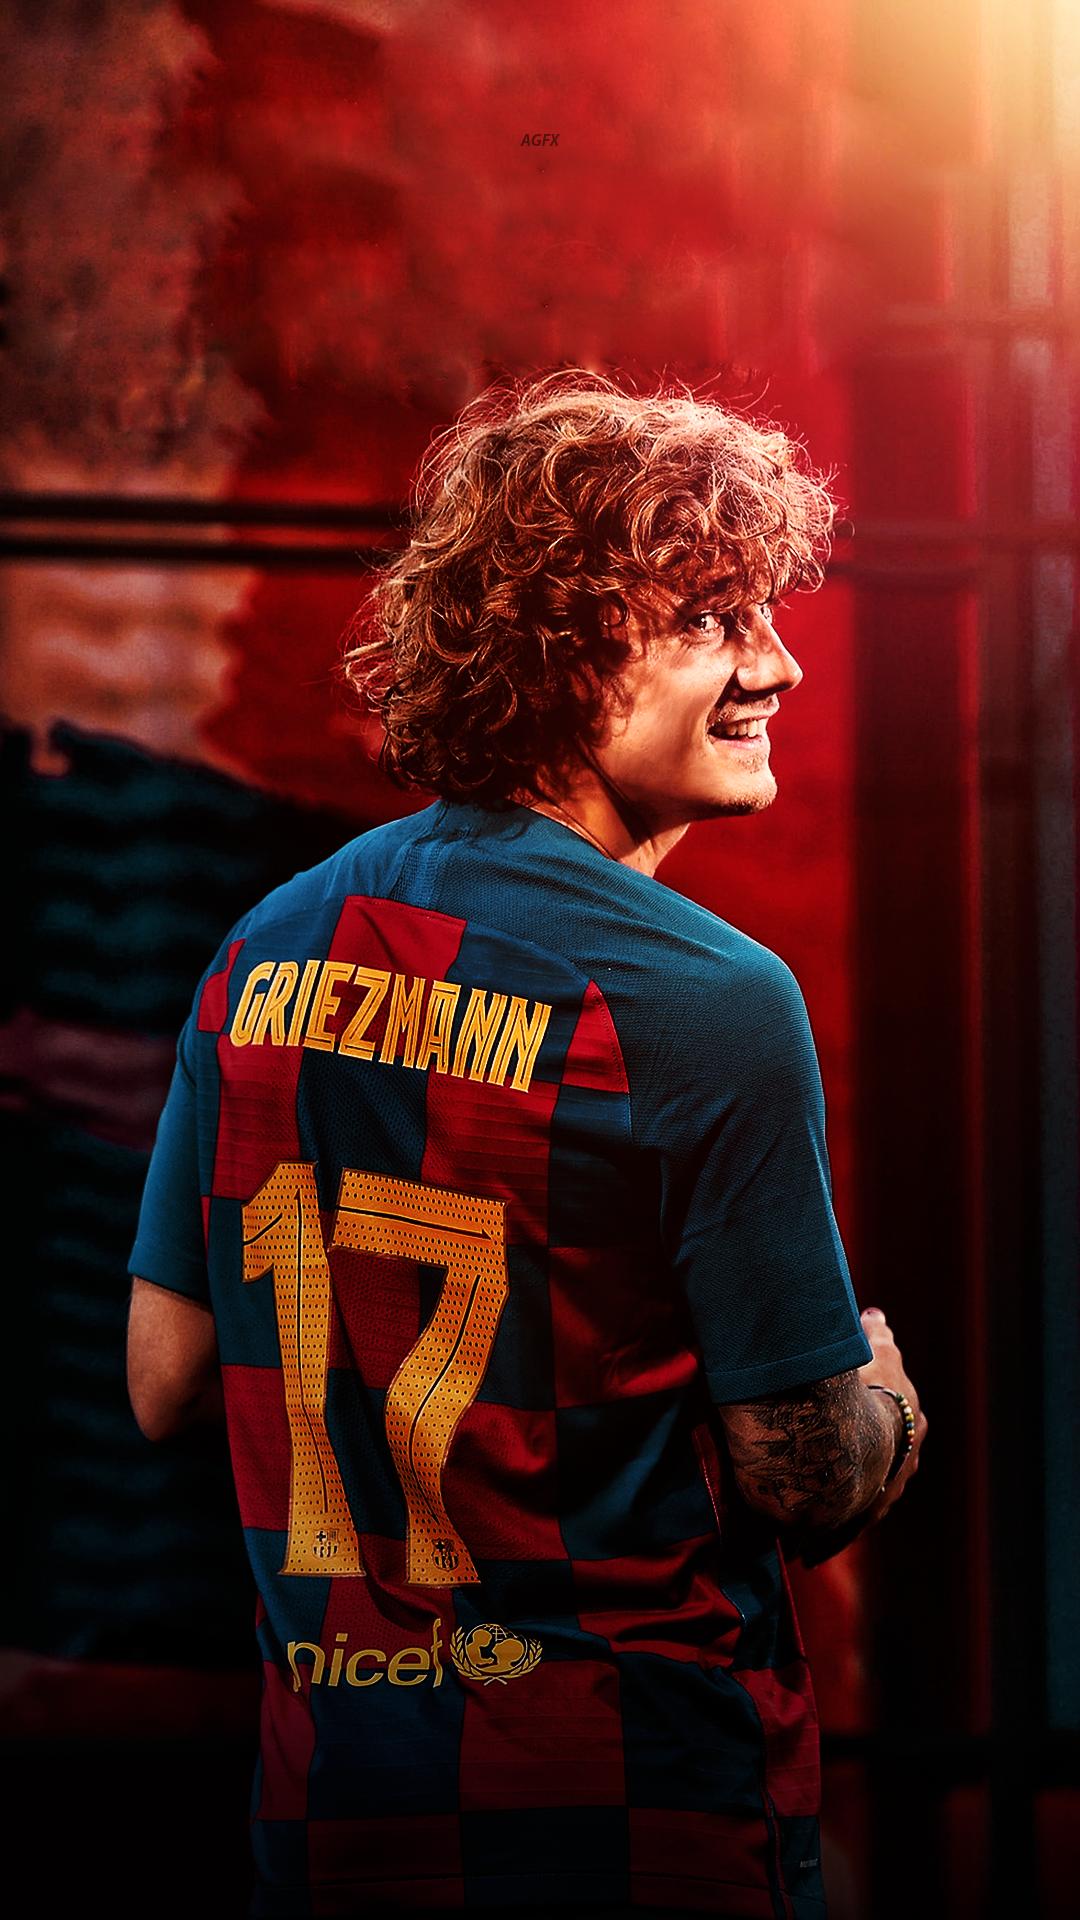 Antoinegriezmann Griezmann Barcelona Championsleague Ucl Barca Dueo Design Photoshop Edit Football Griezmann Futbol De Barcelona Antonie Griezmann